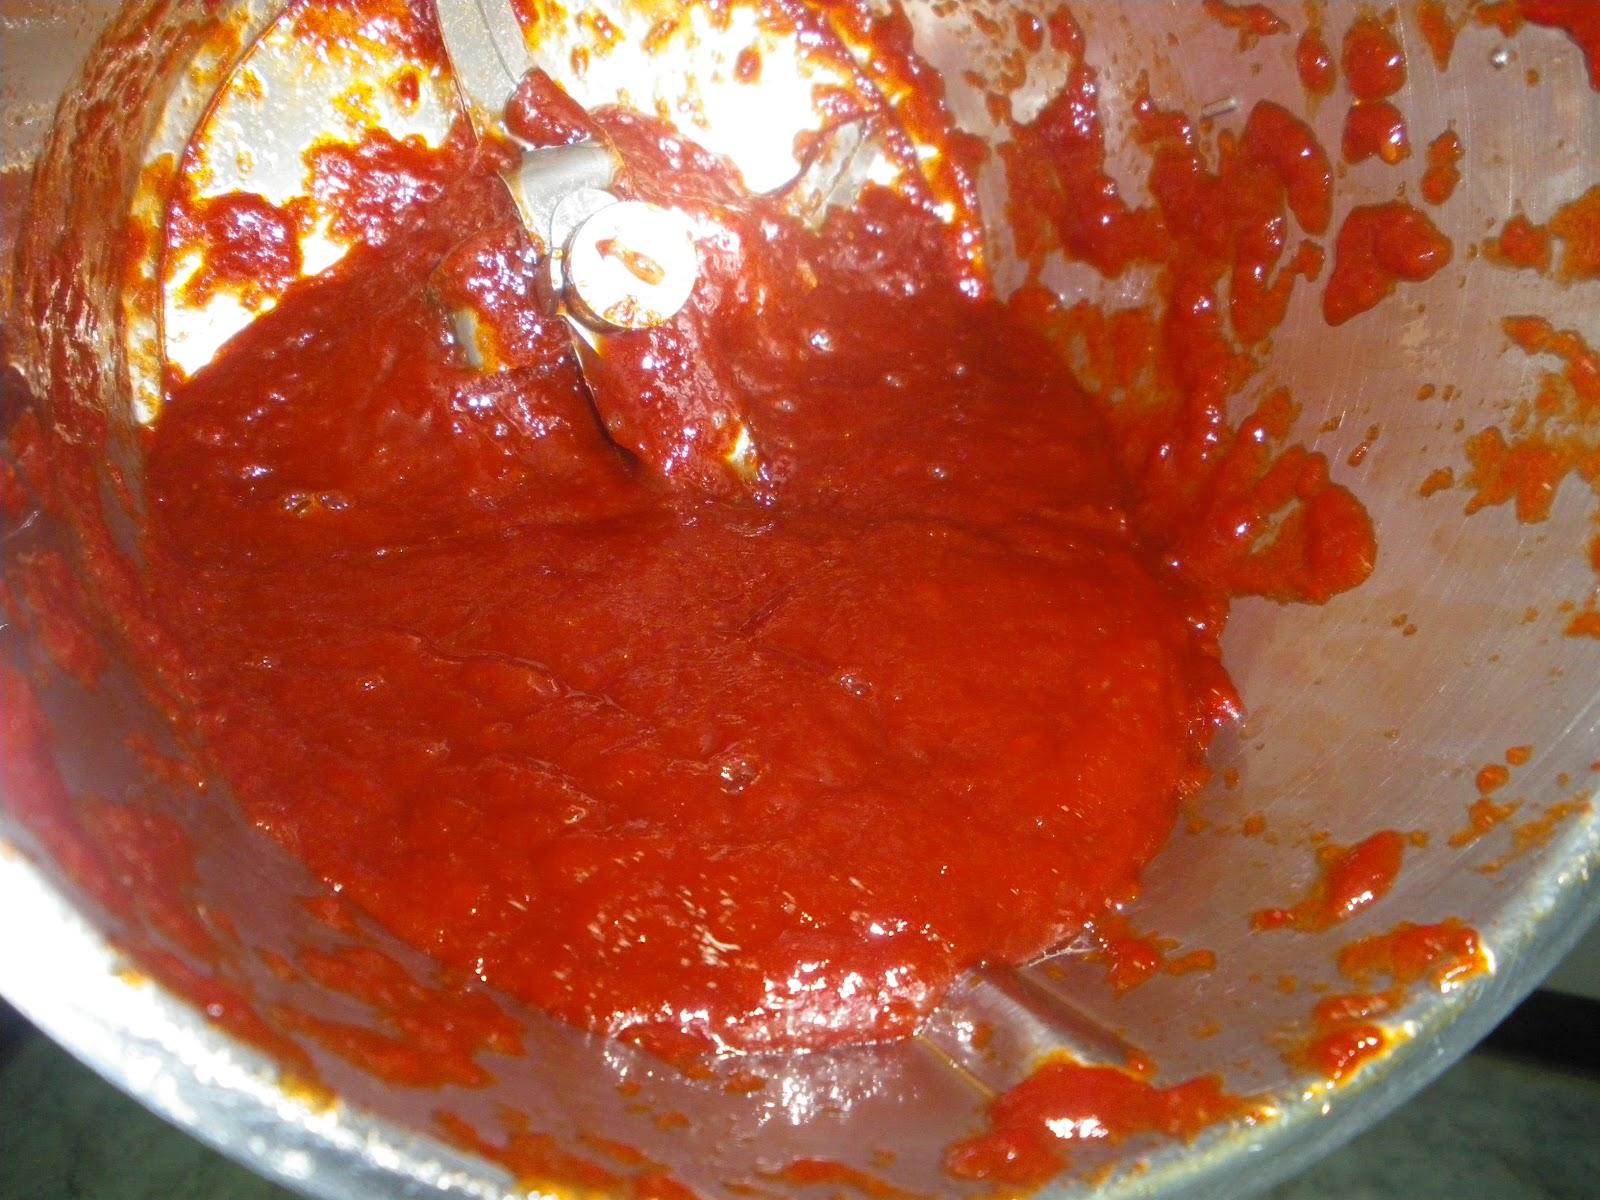 La thermomix de yolanda mermelada de pimientos confitados - Hacer mermelada de pimientos ...